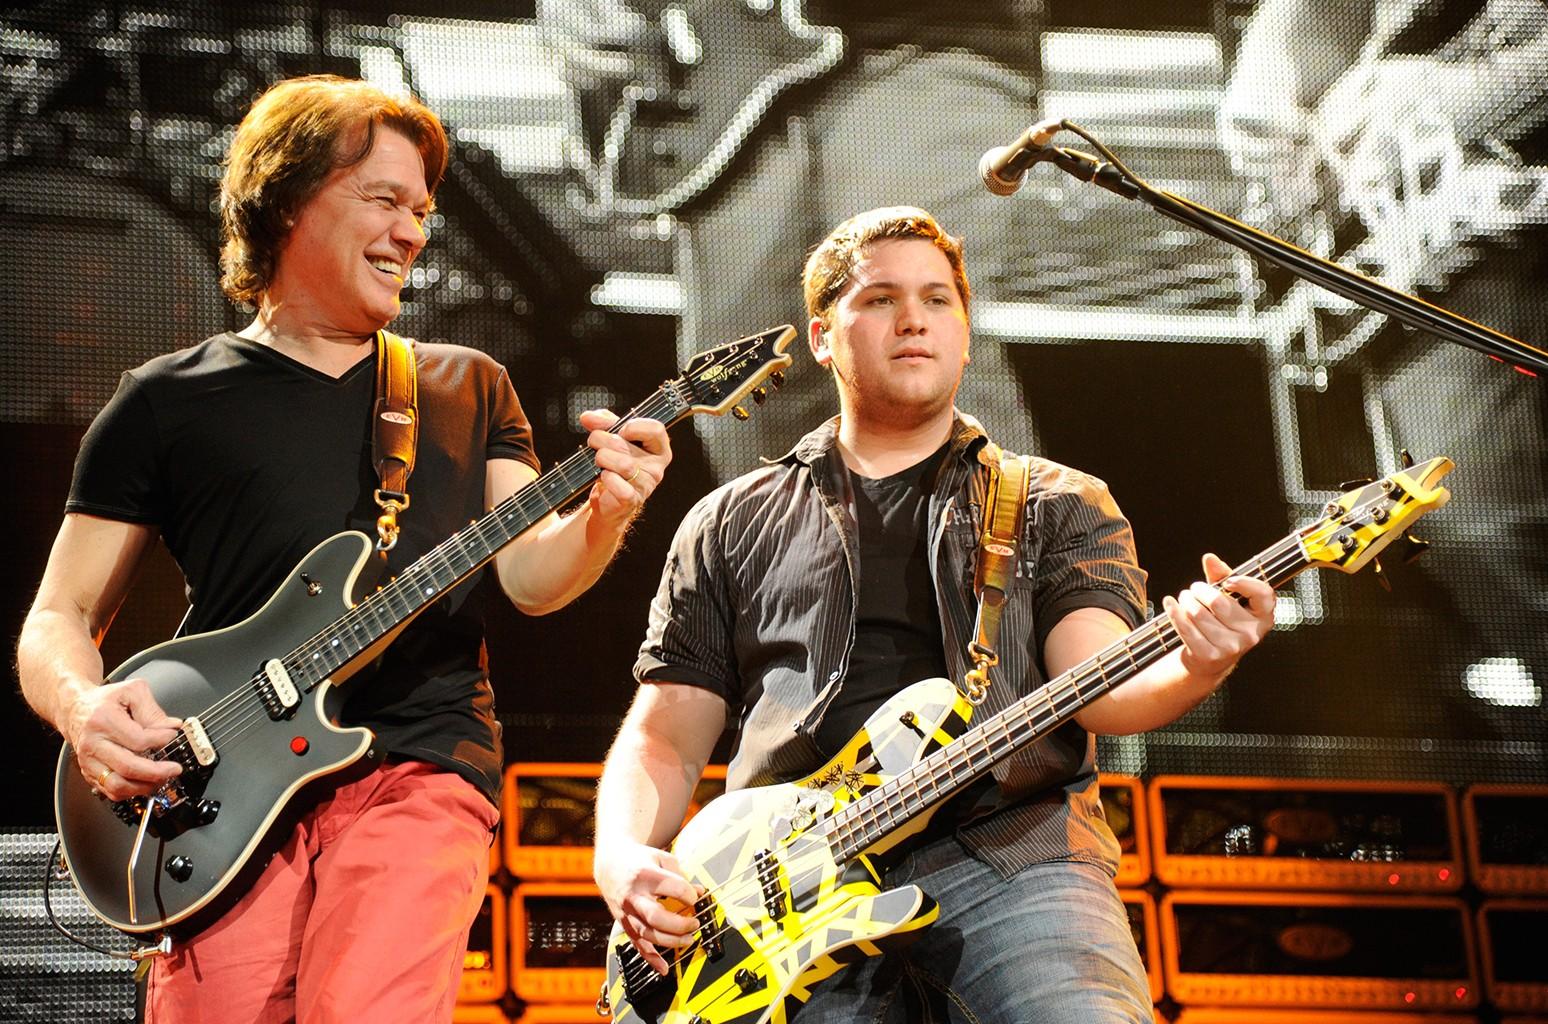 Eddie Van Halen and Wolfgang Van Halen